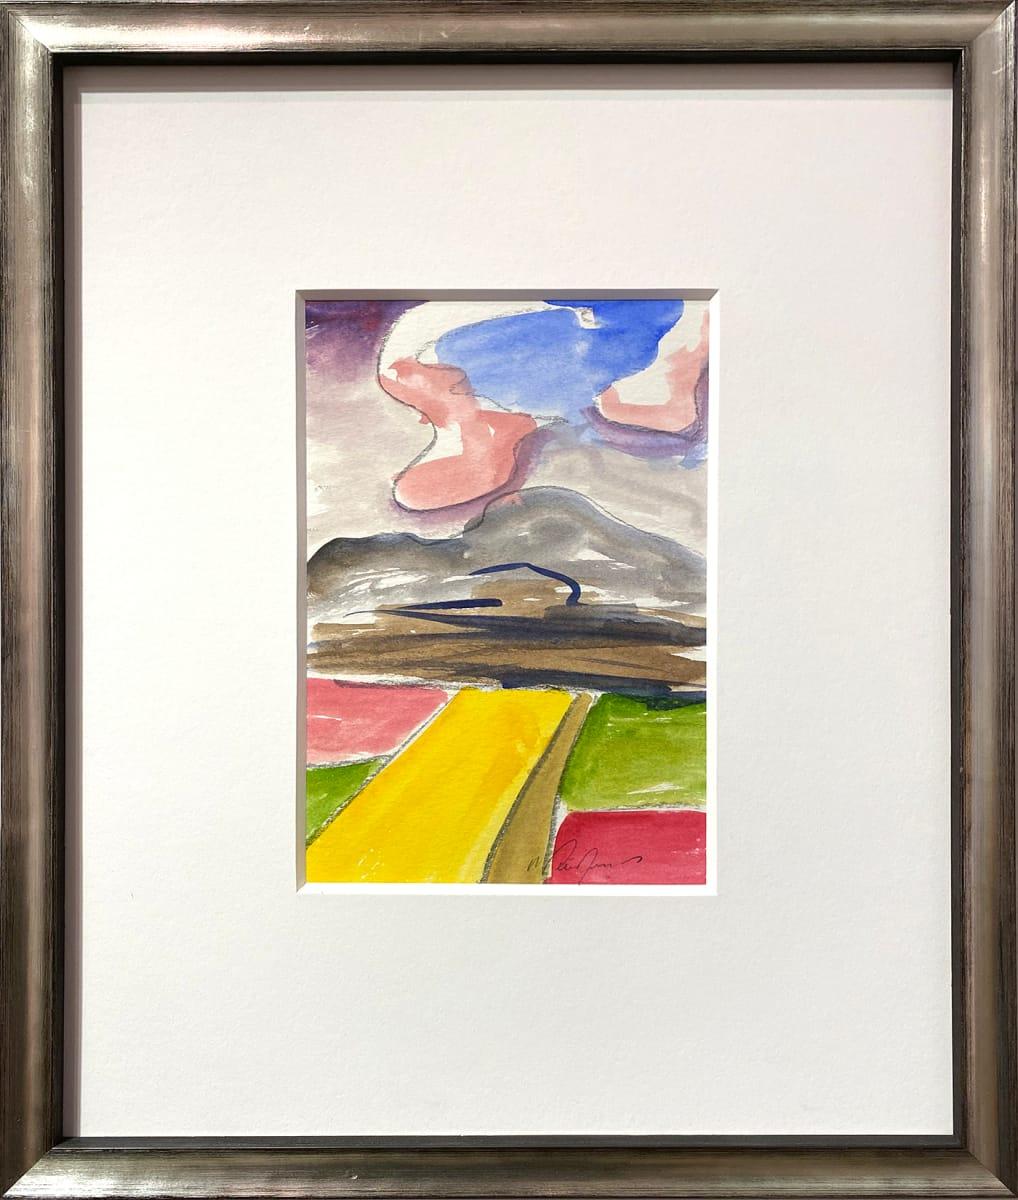 3033 - Vertical Slice by Matt Petley-Jones